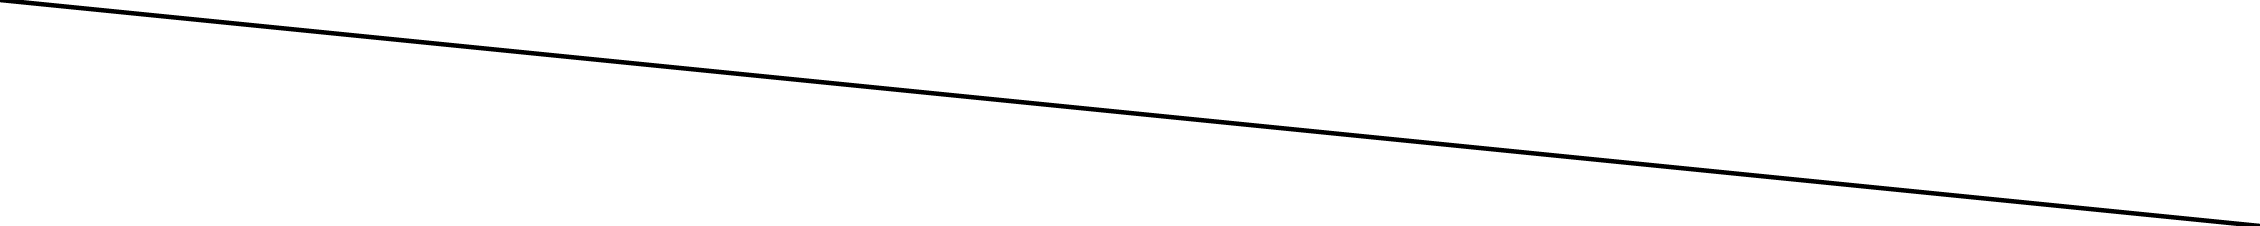 An SVG line